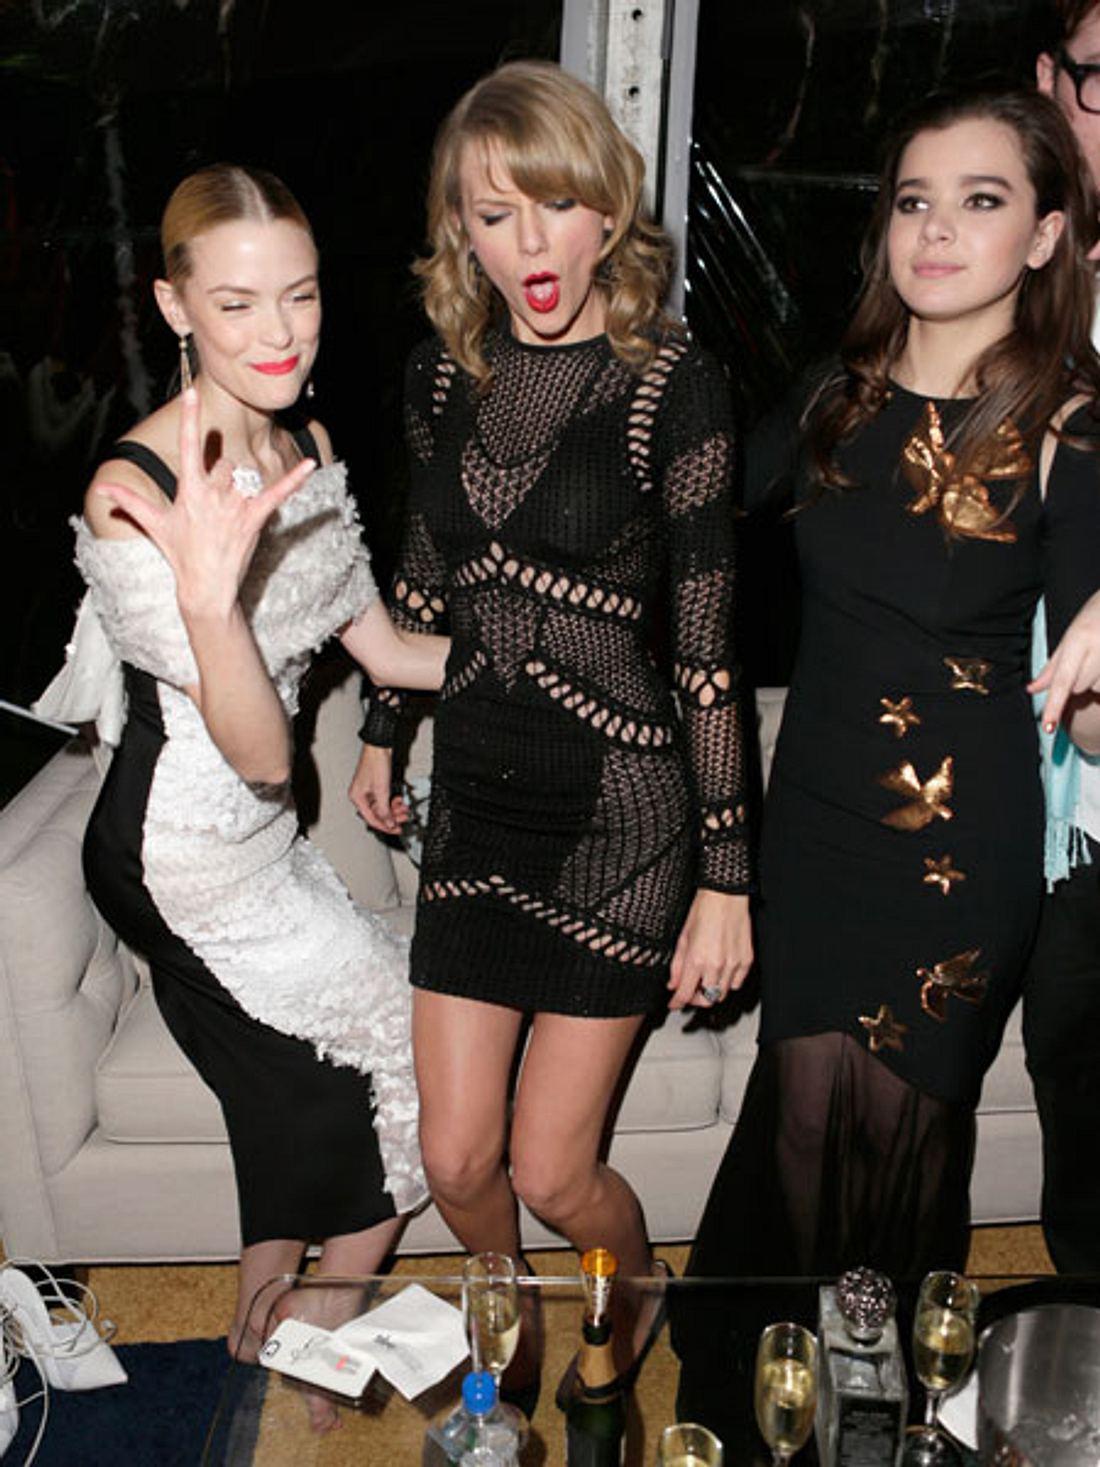 Taylor Swift feierte nach den Golden Globes in einem durchsichtigen Kleid.